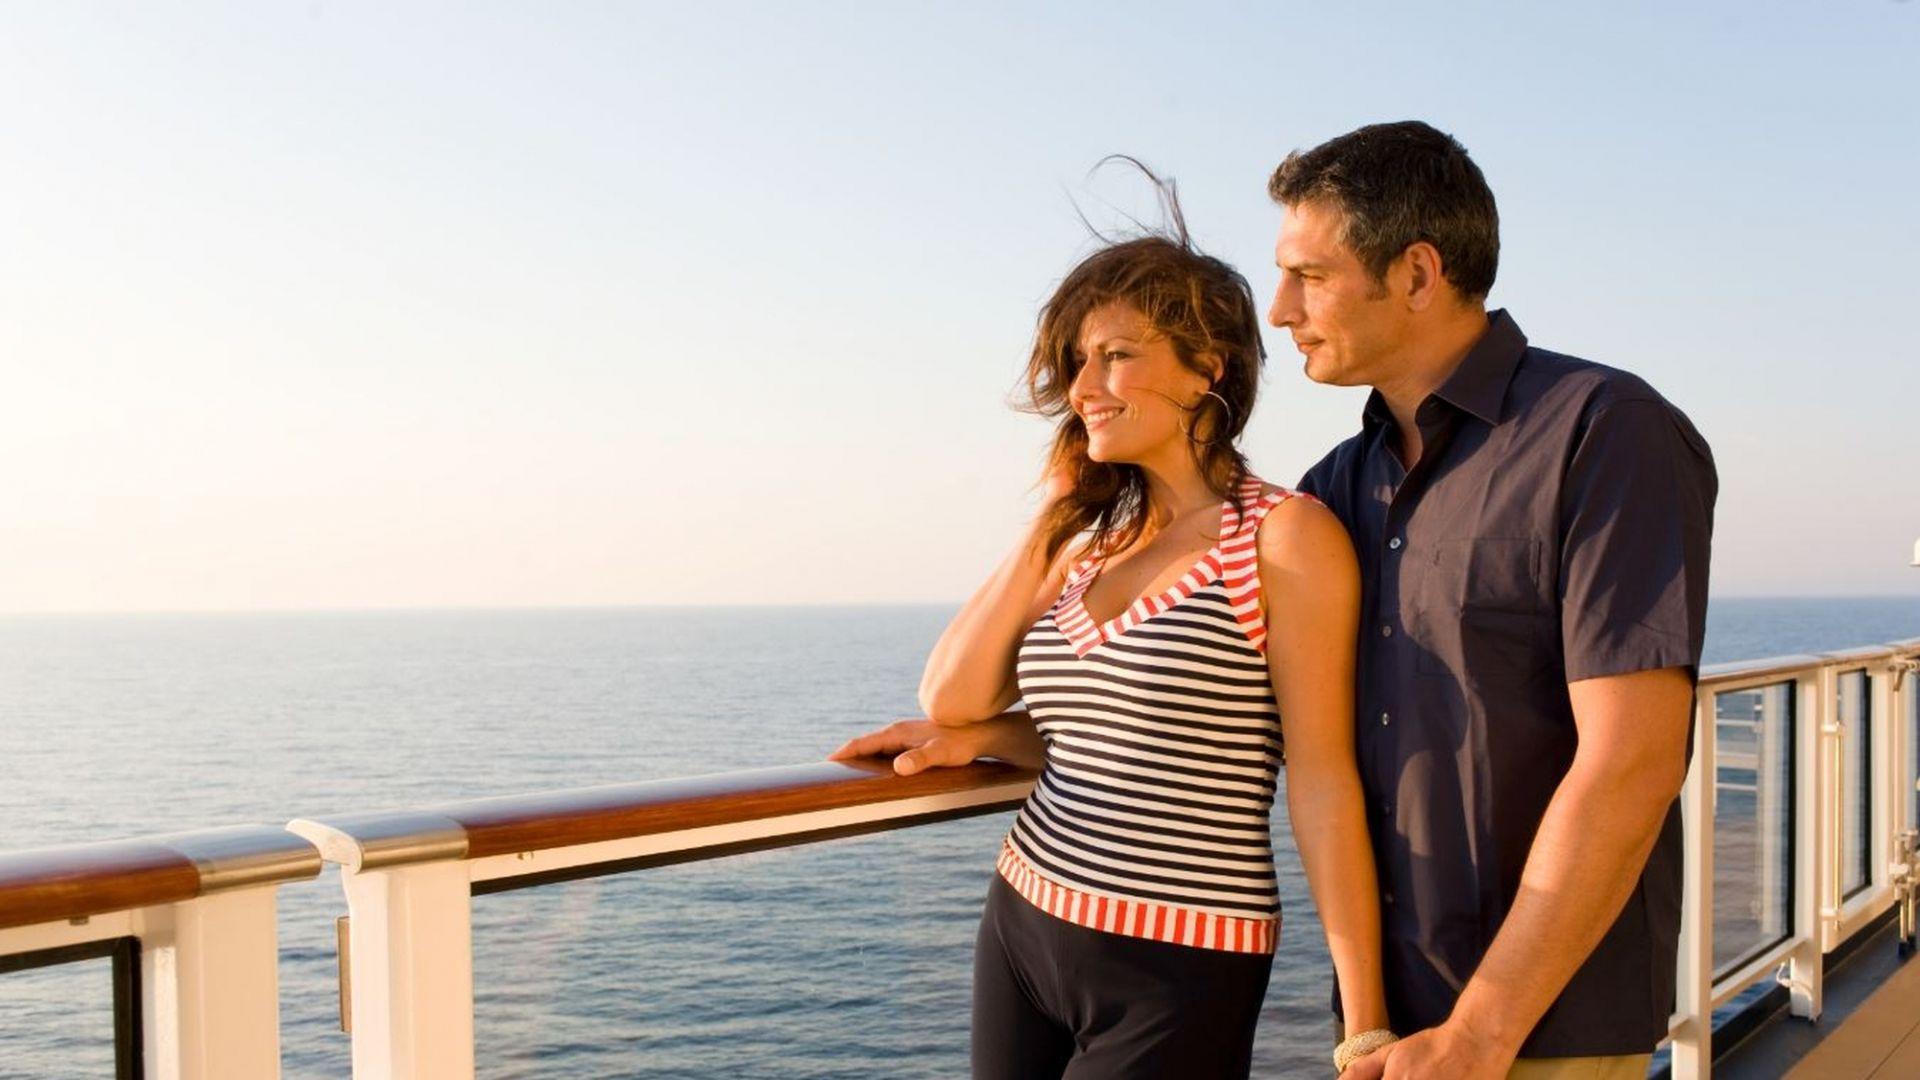 Keliautojai mėgaujasi akimirka kruiziniame laive